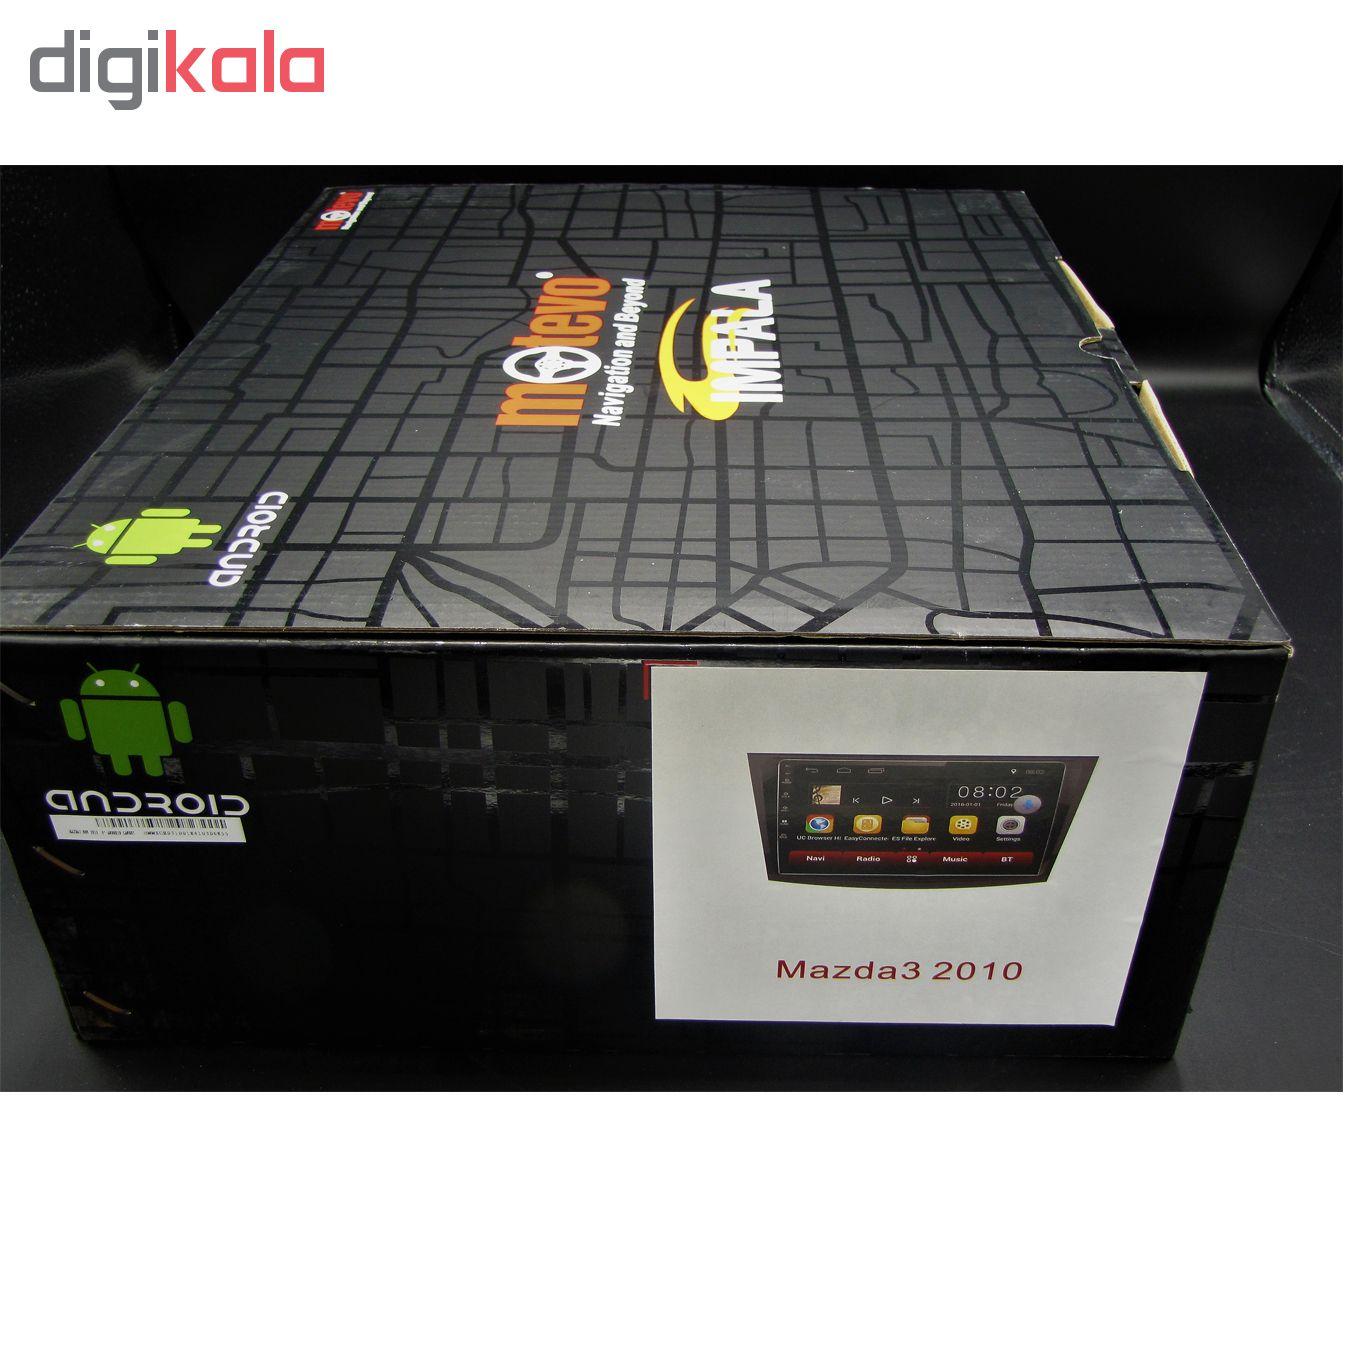 خرید اینترنتی مانیتور ایمپالا کد 8 اورجینال